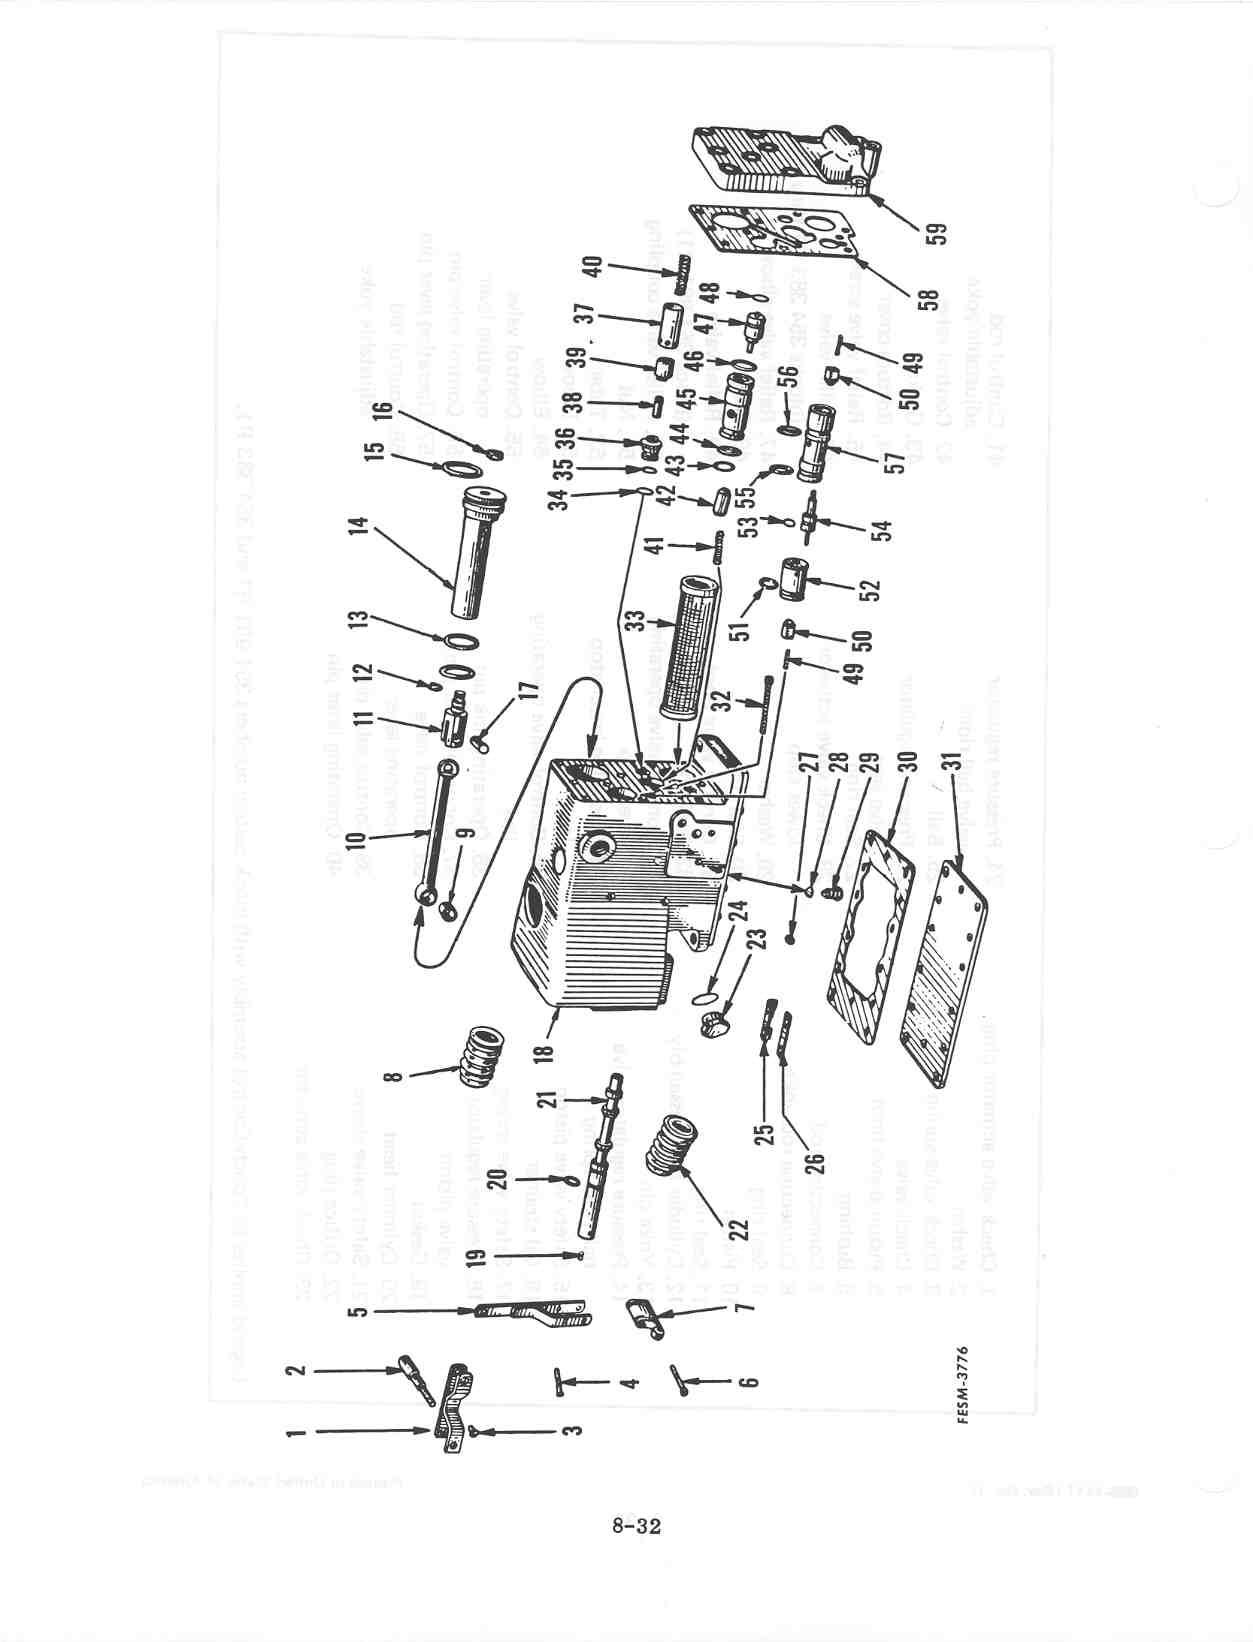 section 8 - hydraulic system touch-control  farmall cub